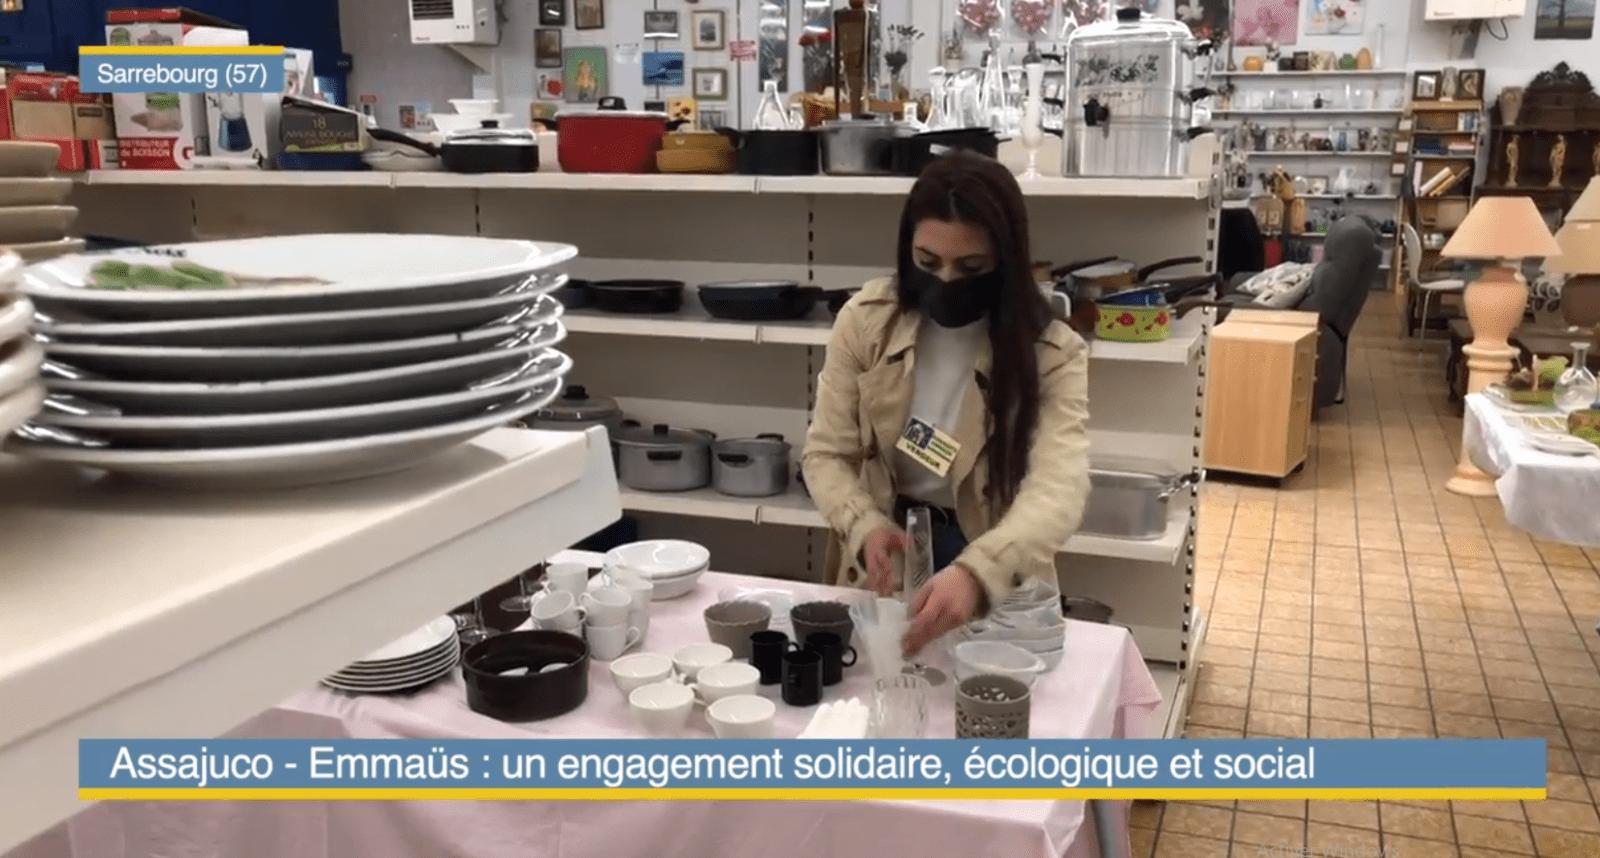 Passage de ViàMoselle TV à la boutique en ville de Sarrebourg